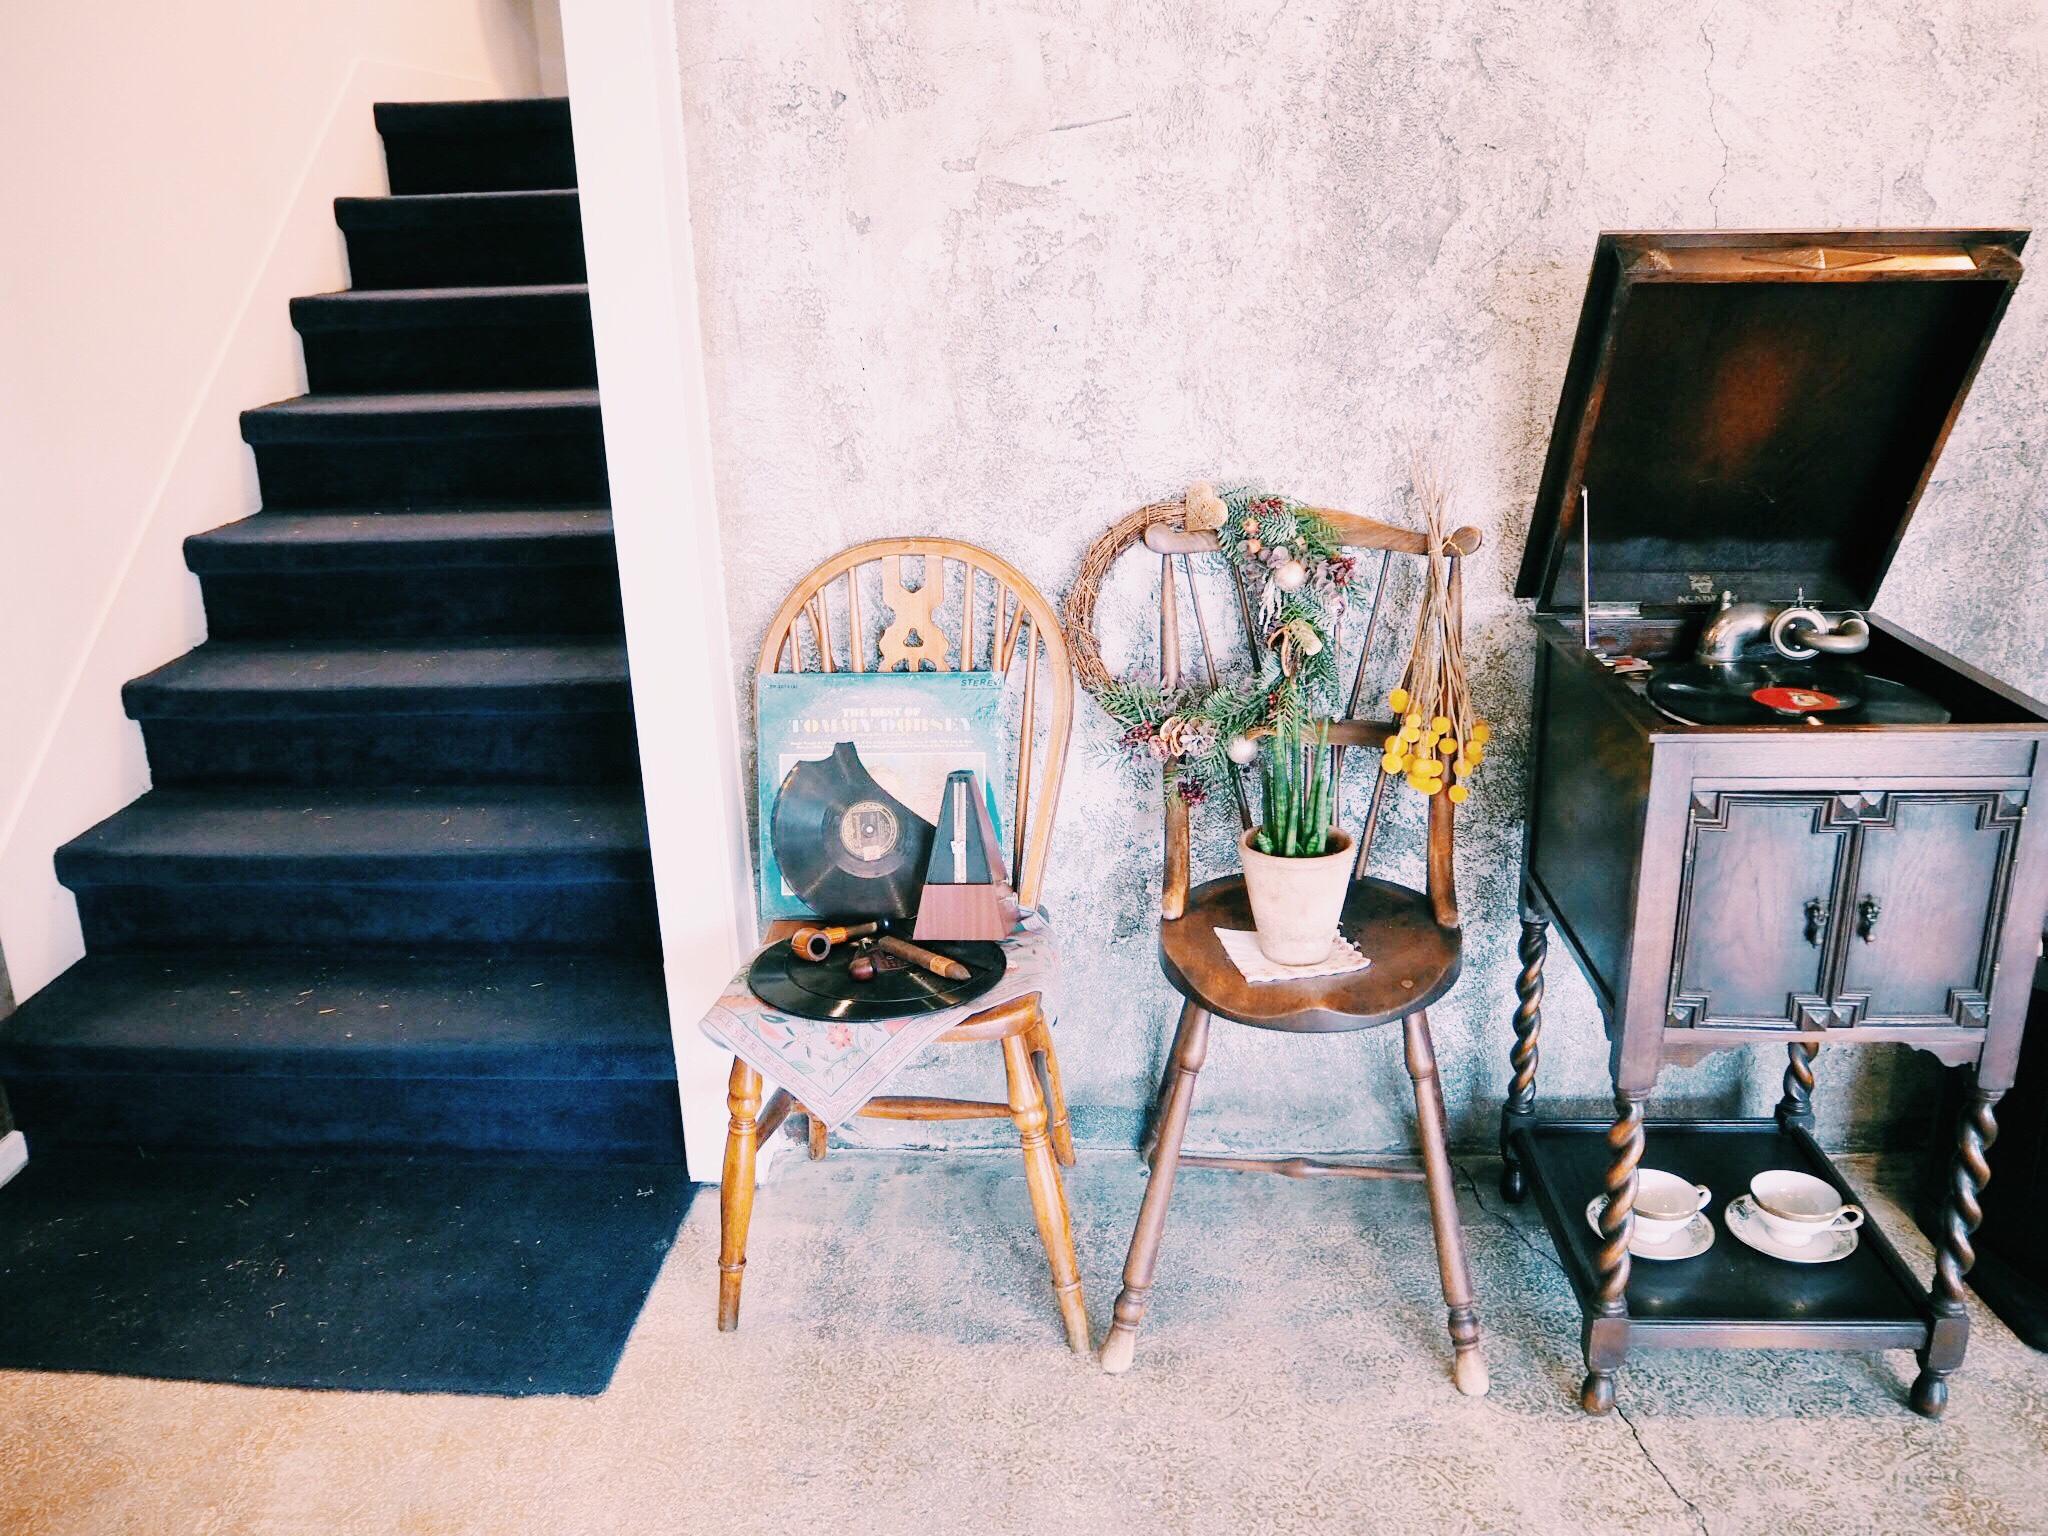 1f4d8504 6f57 4546 bb30 aa51bfa10abf - GRAND MUSE - まるで隠れ家一軒家。韓国ソウルにオープンしたケーキプレートがおしゃれなカフェ